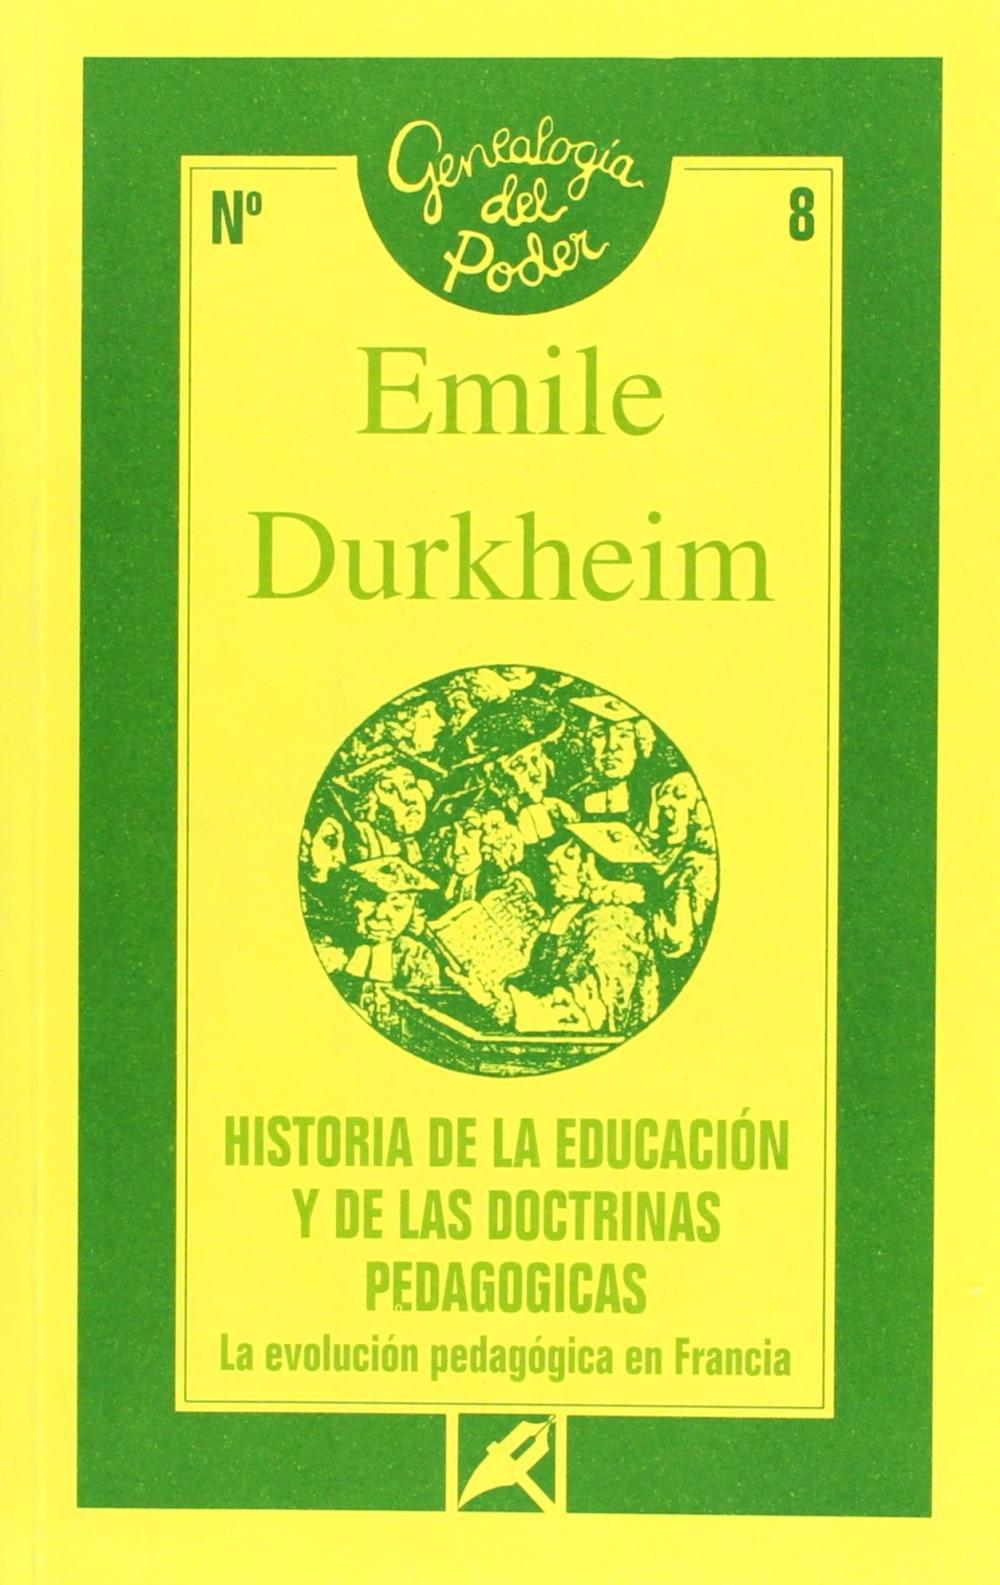 HISTORIA DE LA EDUCACION Y DE LAS DOCTRINAS PEDAGOGICAS